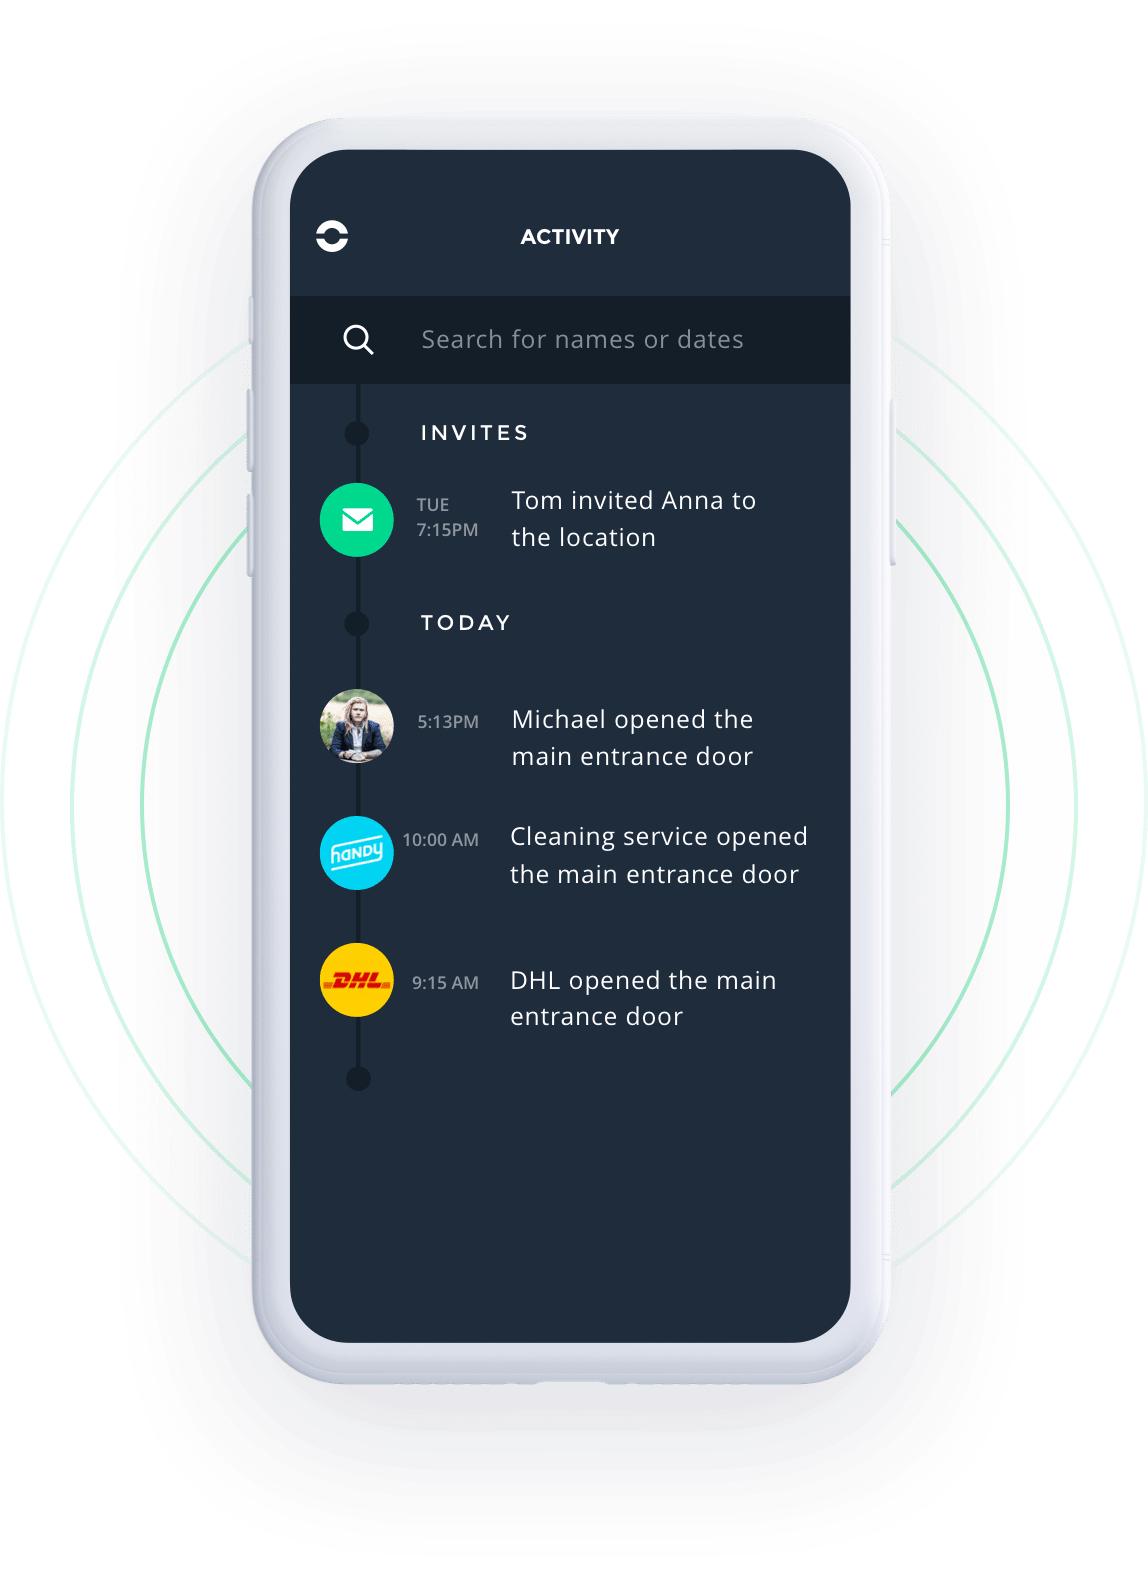 Smarter Türöffner nello one (Gegensprechanlage, WLAN, App für iOS & Android, Alexa-kompatibel) 89,10€ mit Newsletterrabatt